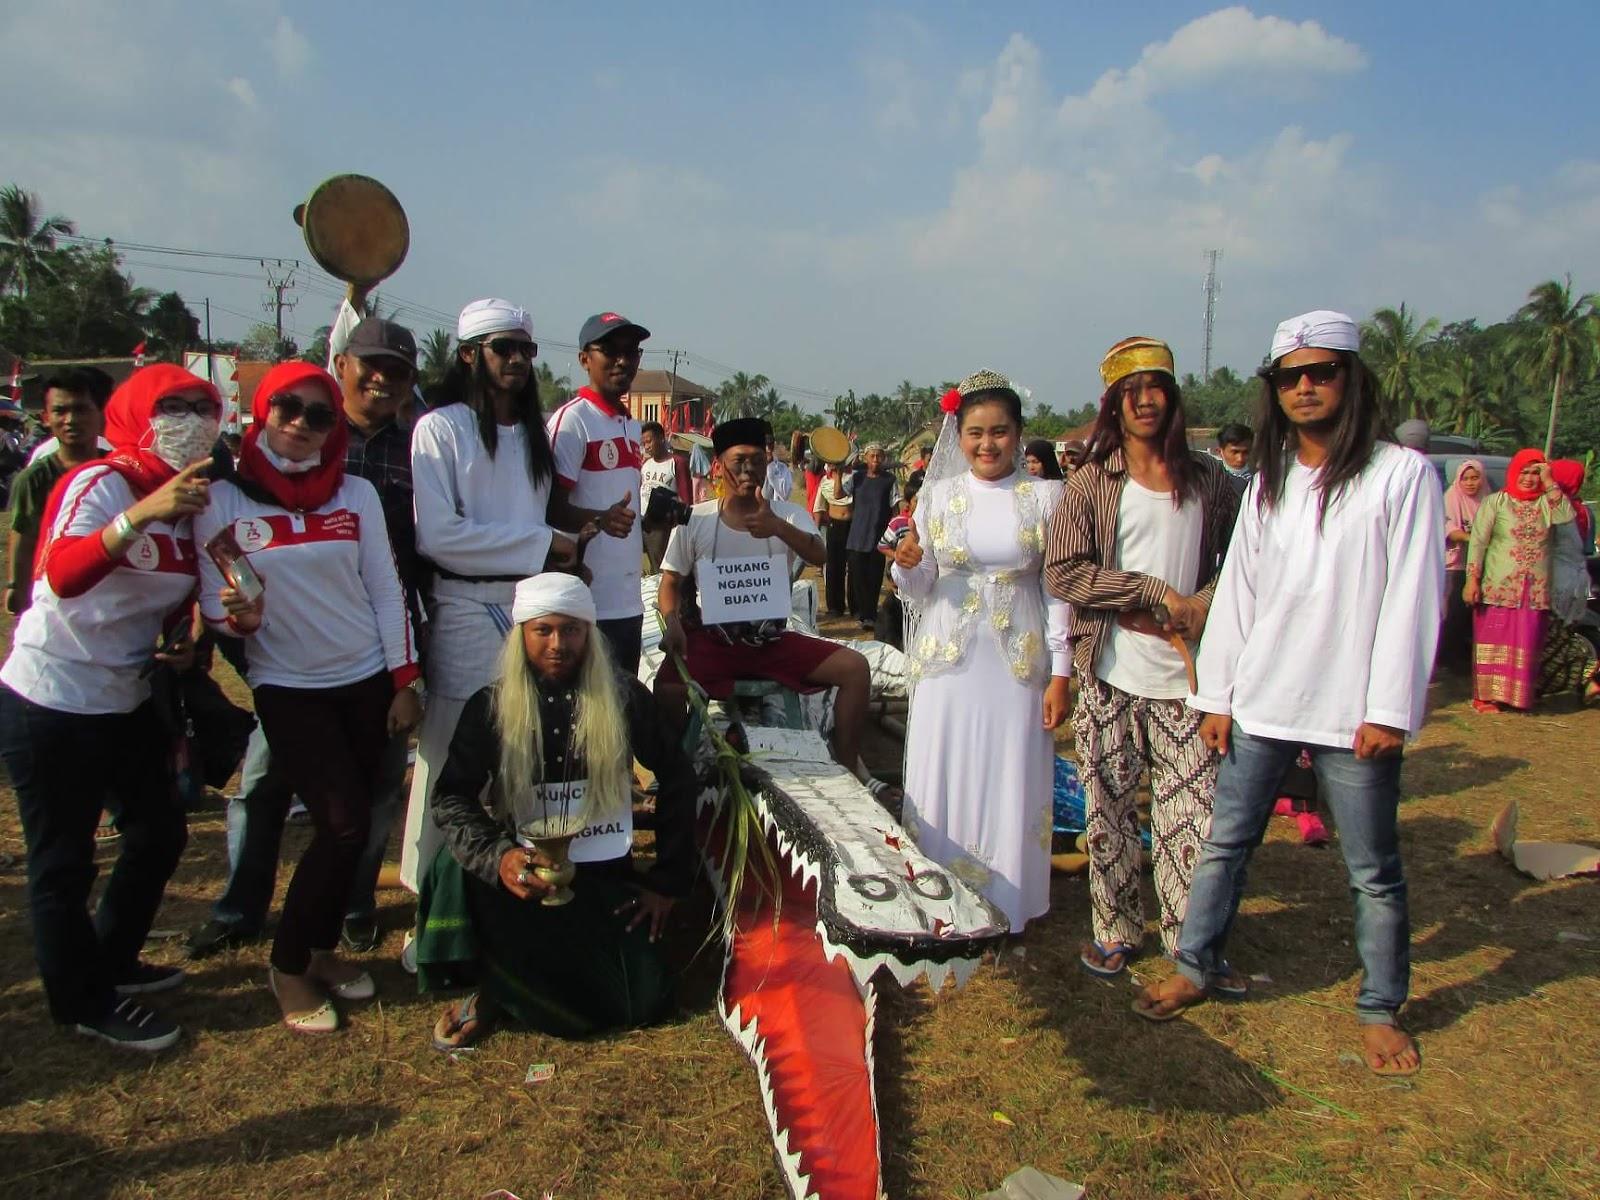 Karnaval desa padarincang